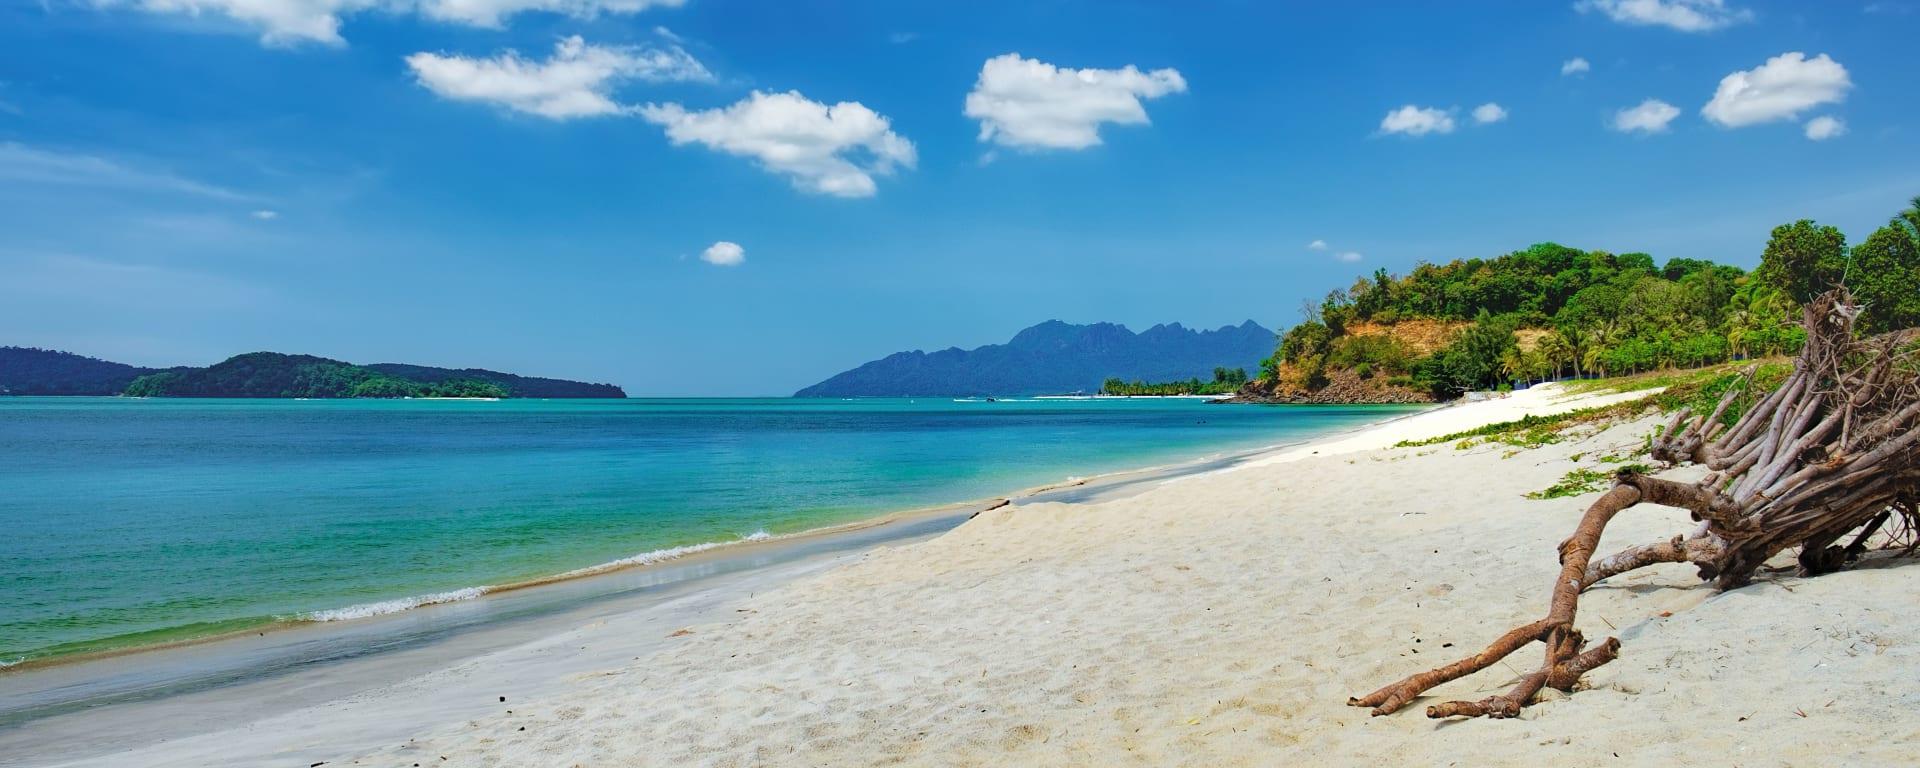 Malaysia entdecken mit Tischler Reisen: Malaysia Langkawi Pantai Tengah Beach